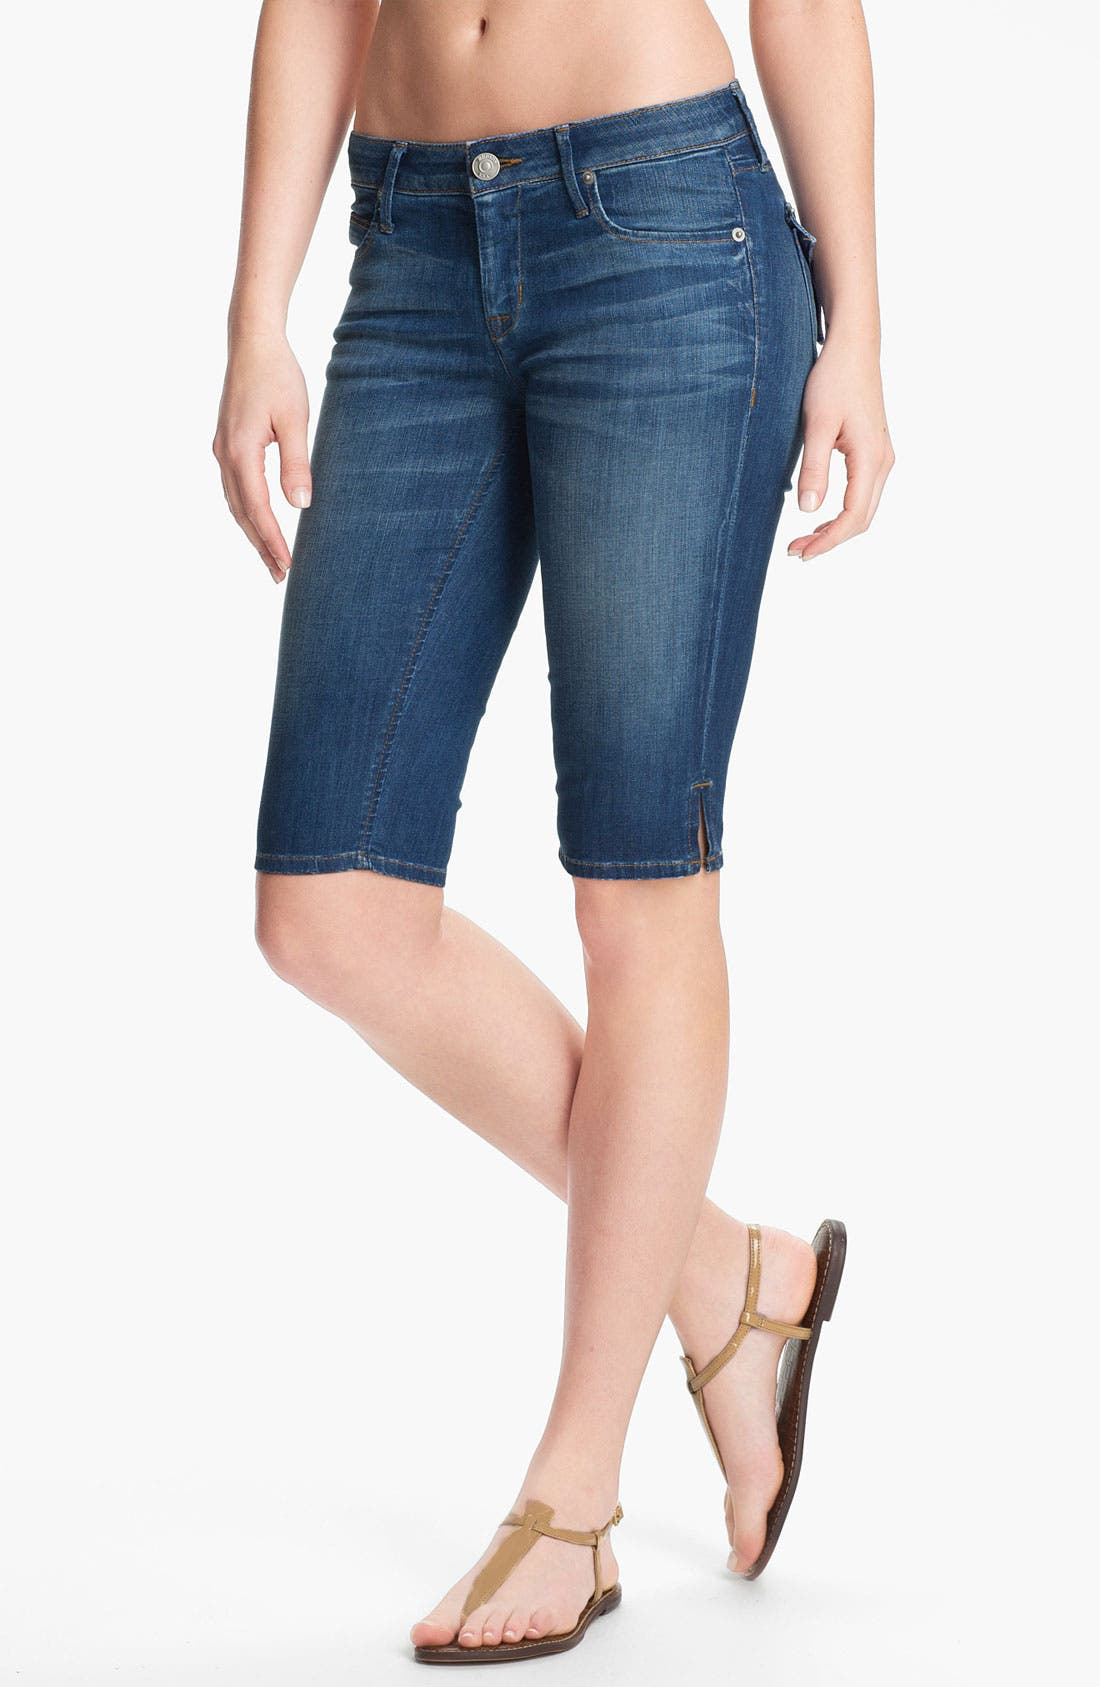 Alternate Image 1 Selected - Hudson Jeans 'Viceroy' Stretch Denim Bermuda Shorts (Morrissey)